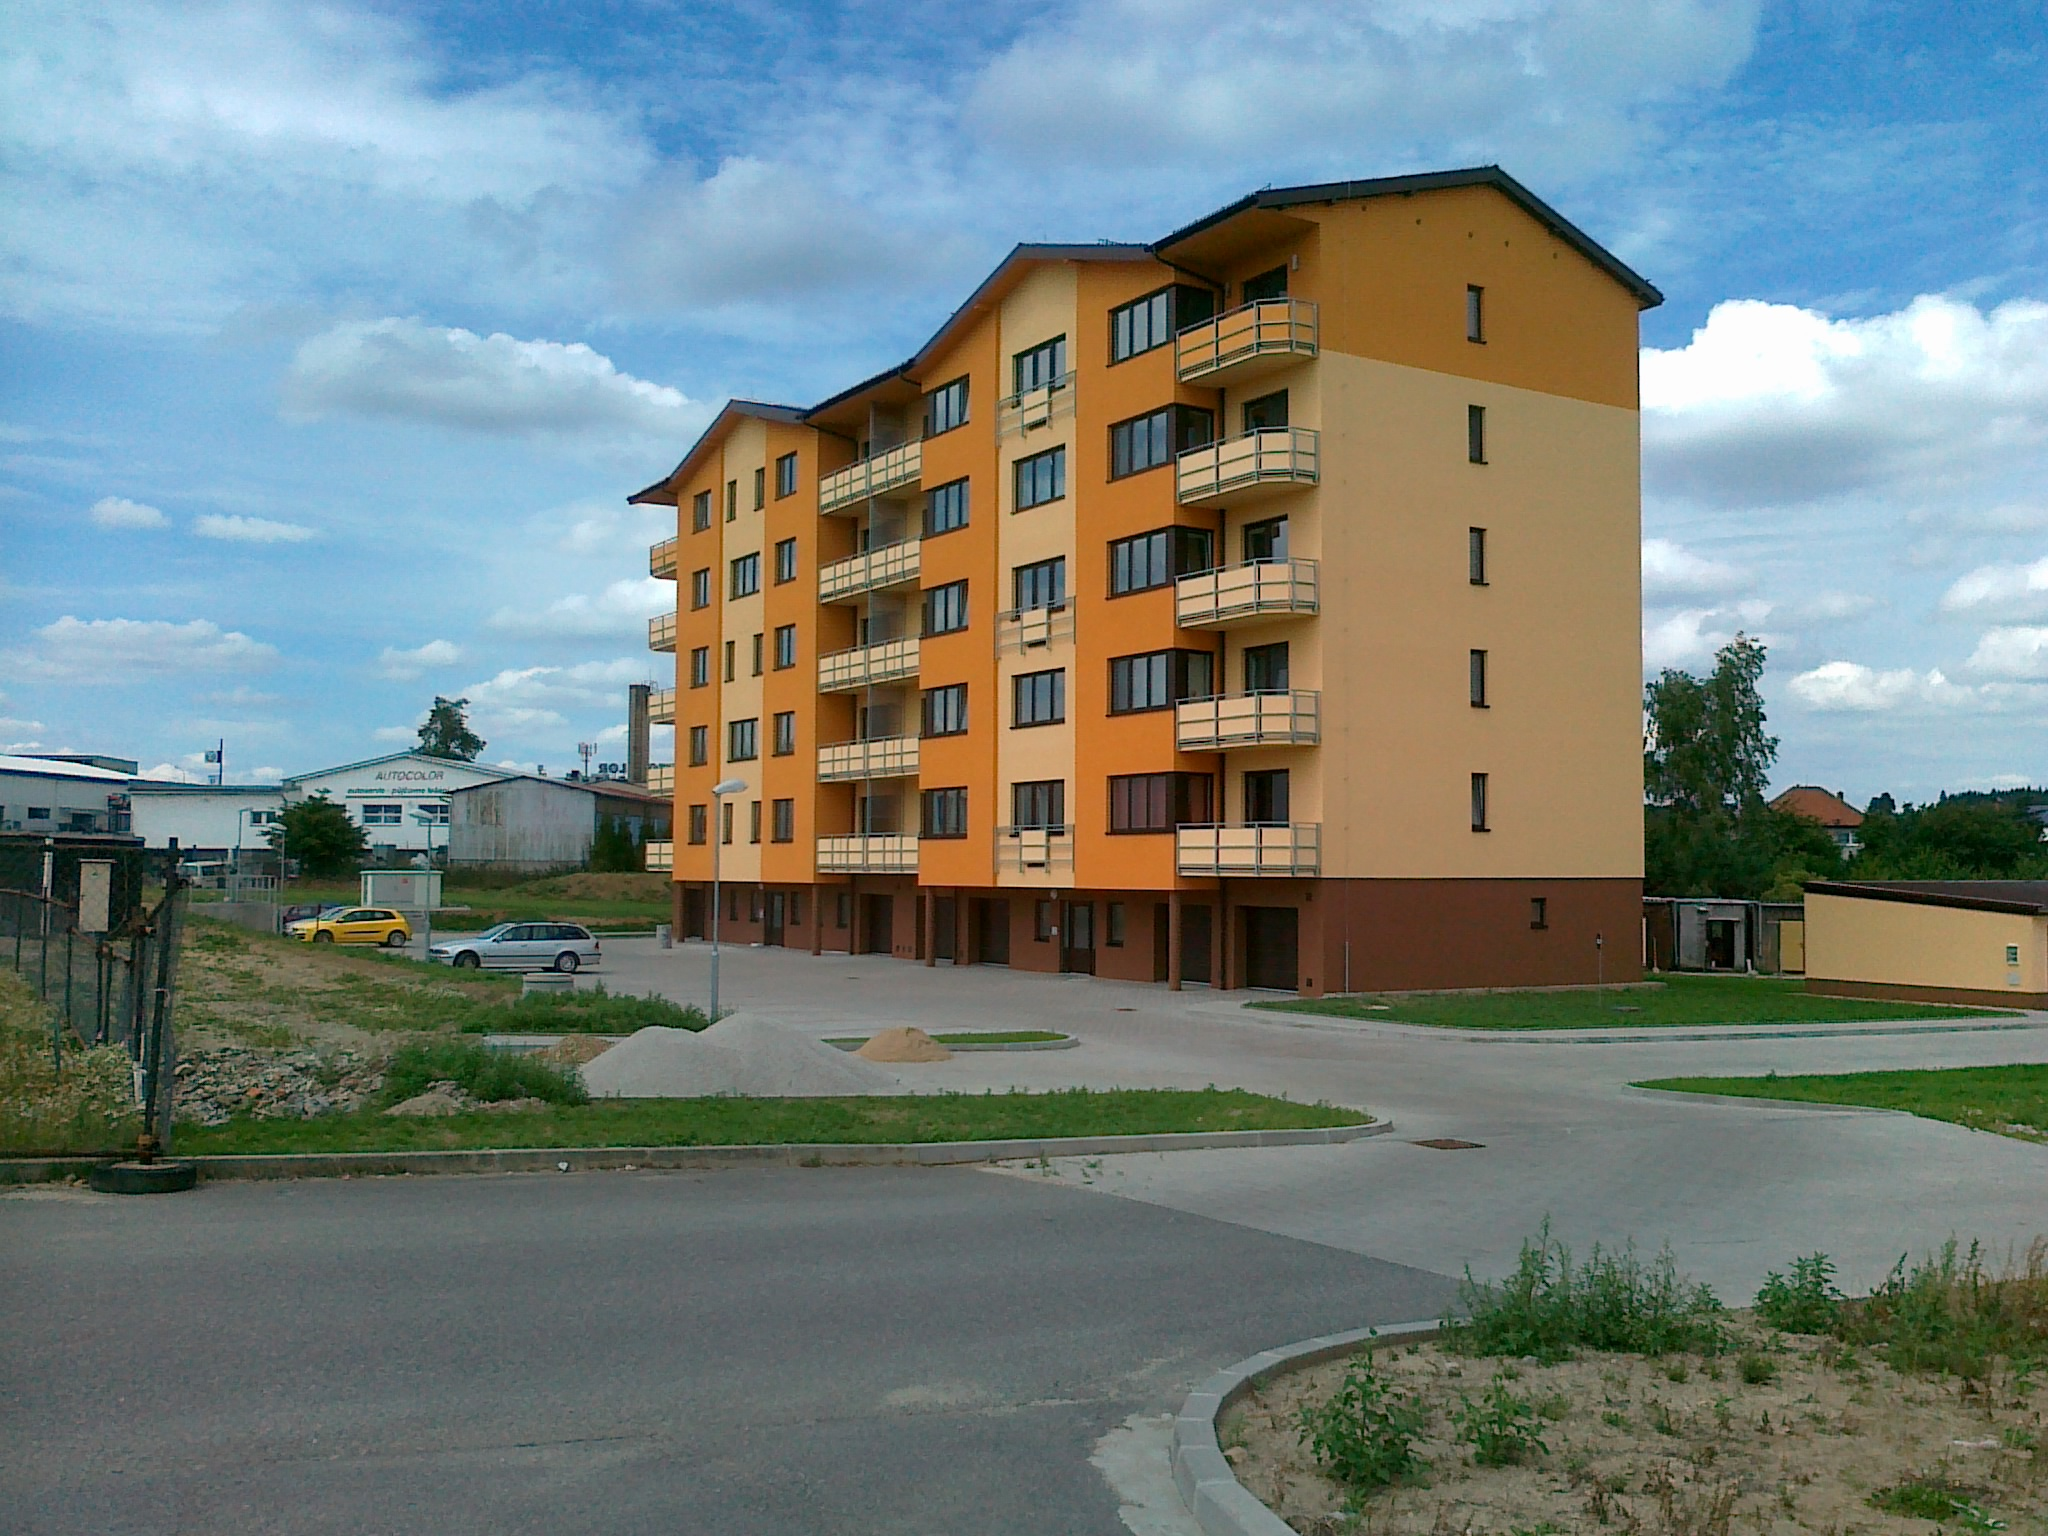 Nový dům nabídl 31 bytů, ale špatné spojení pro chodce